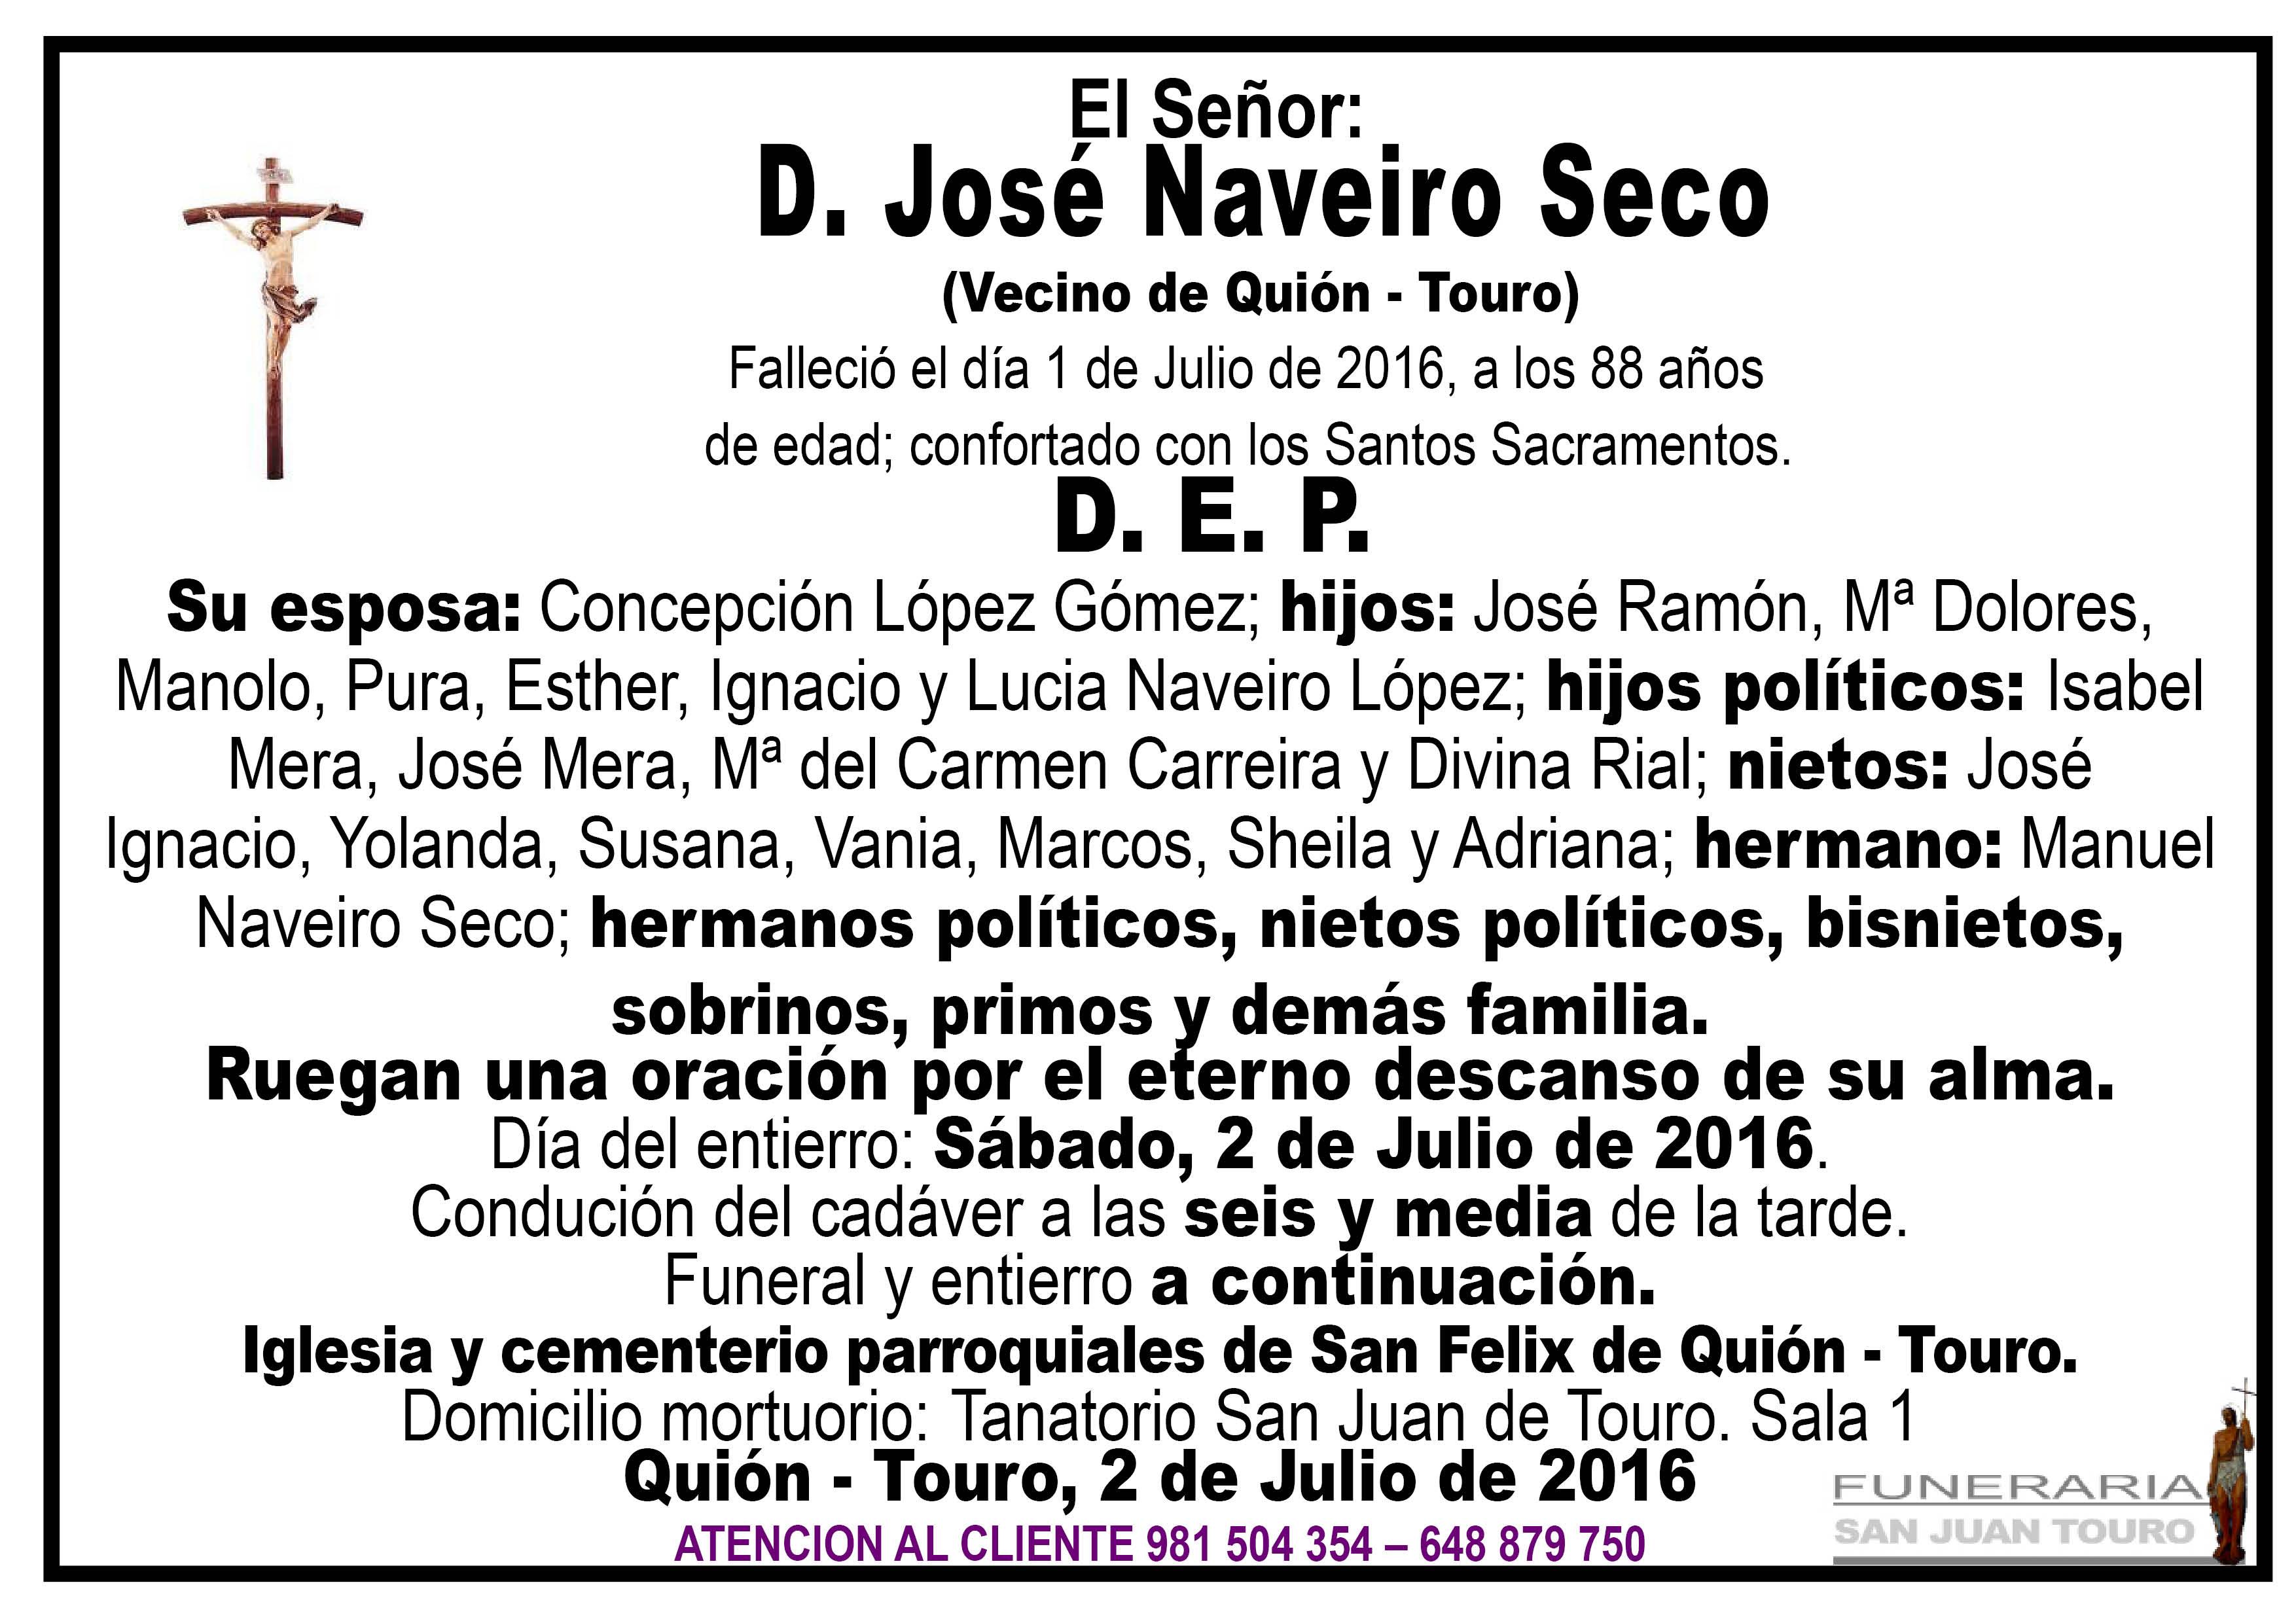 Esquela de SEPELIO D. JOSÉ NAVEIRO SECO